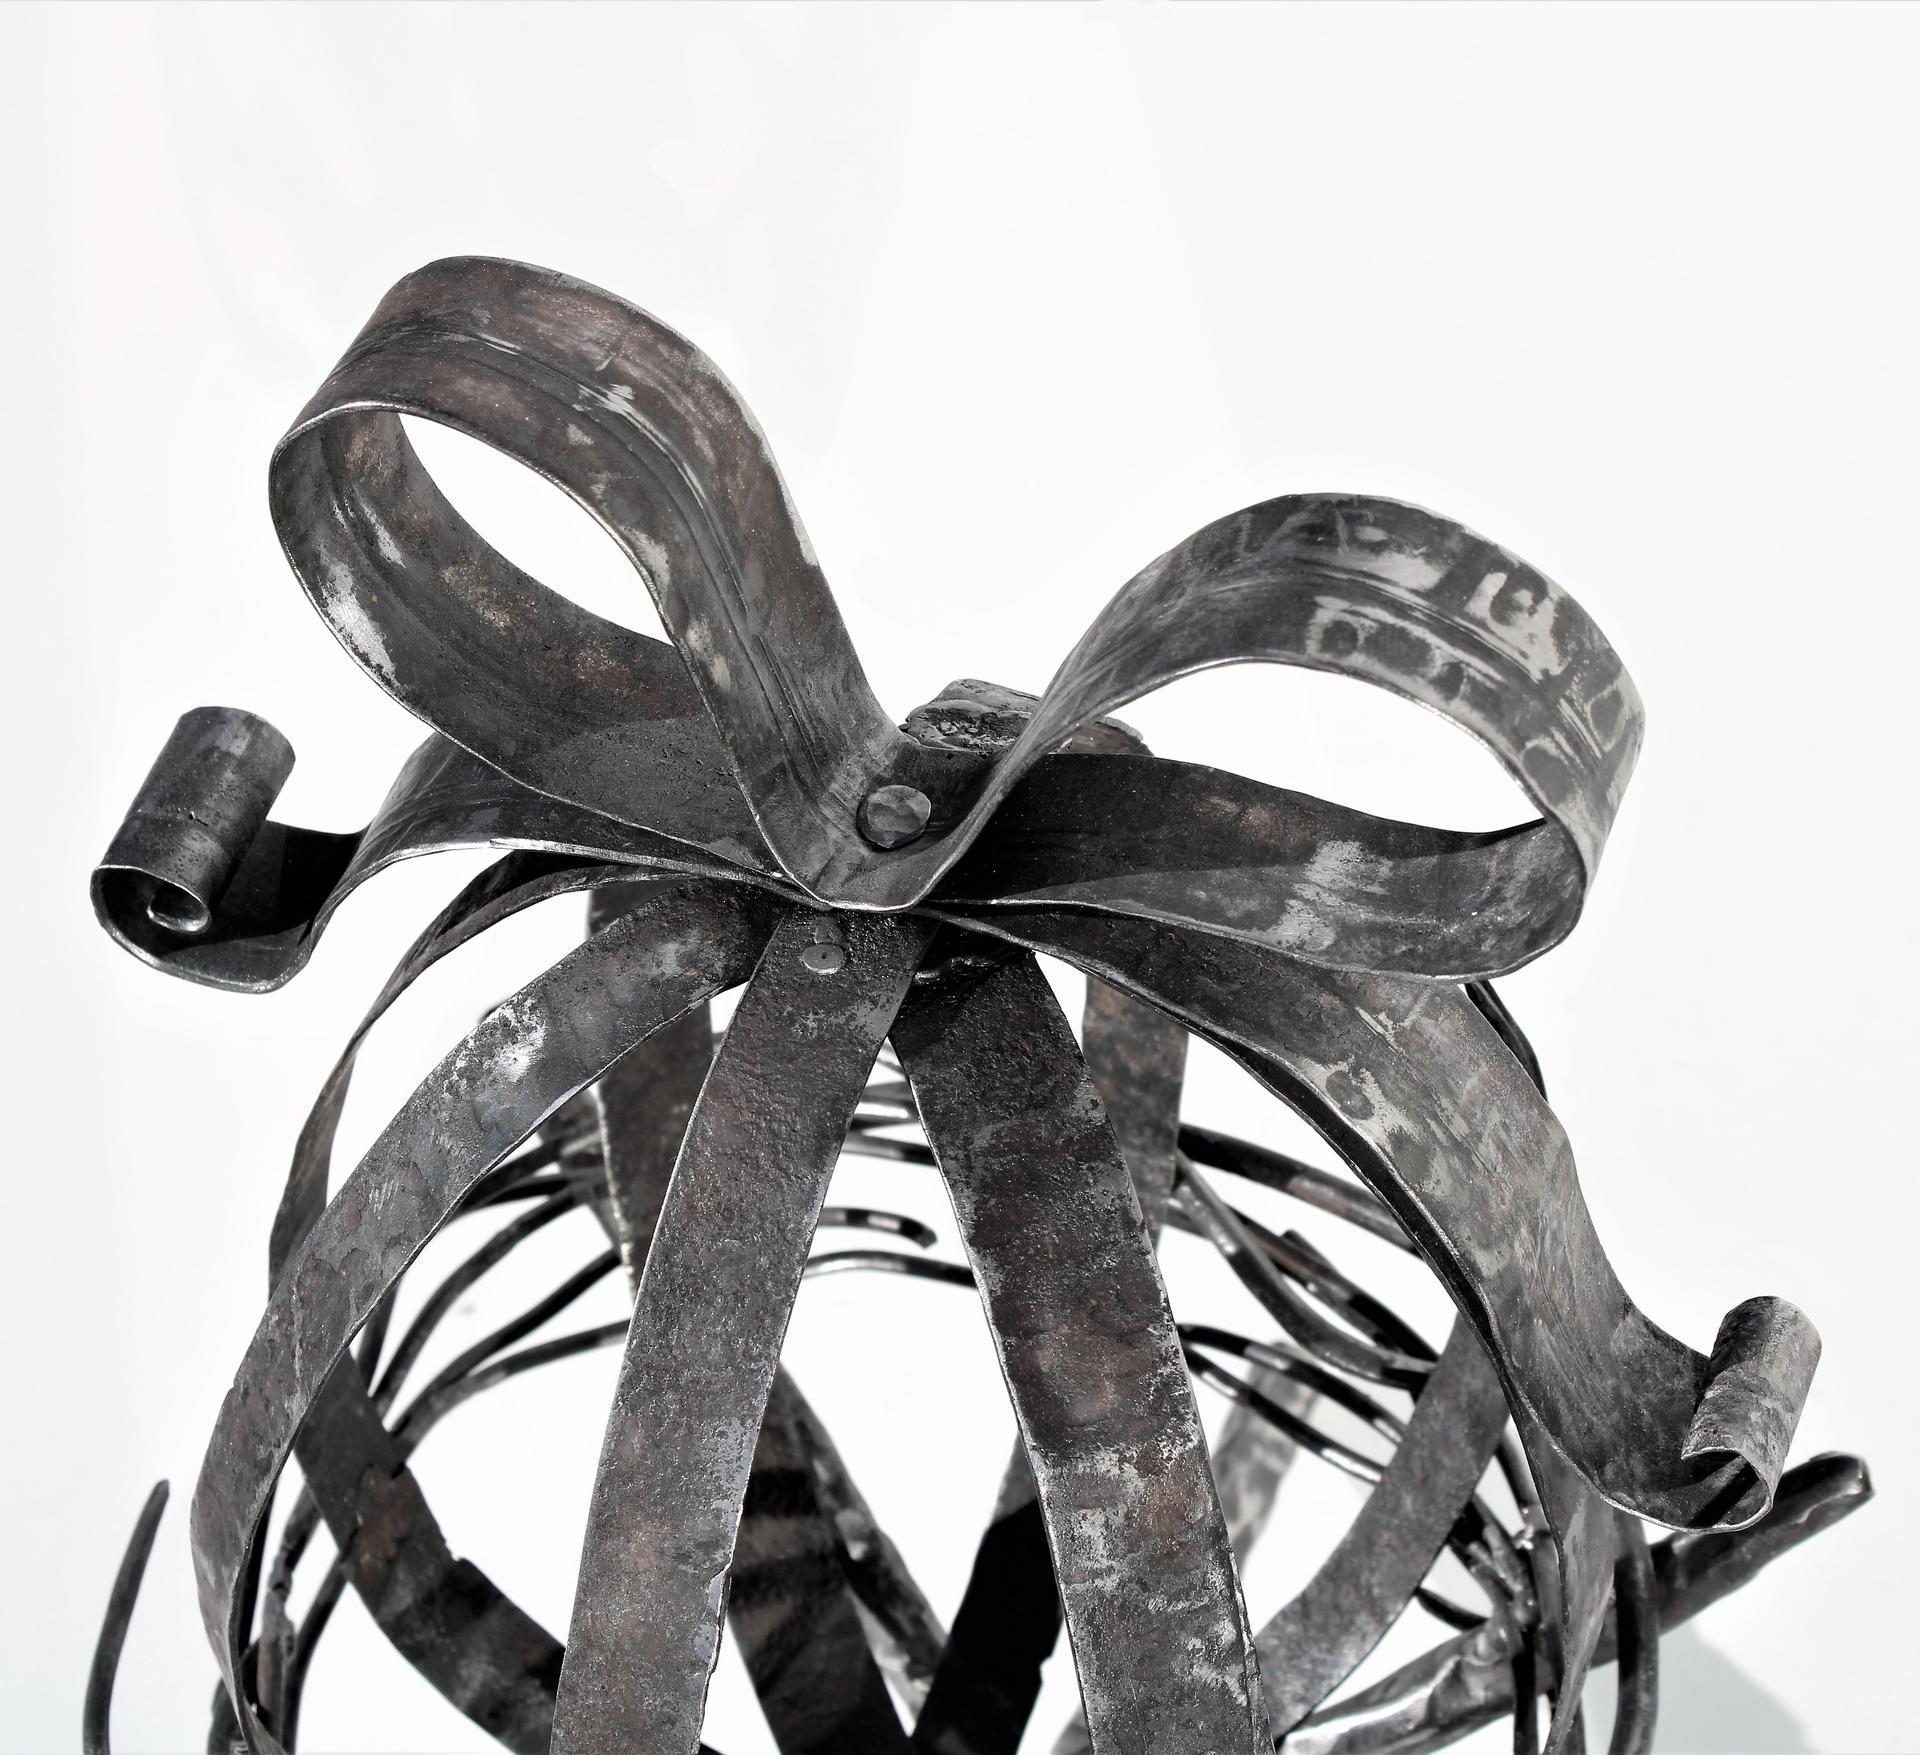 blacksmithing - Obrázok č. 7